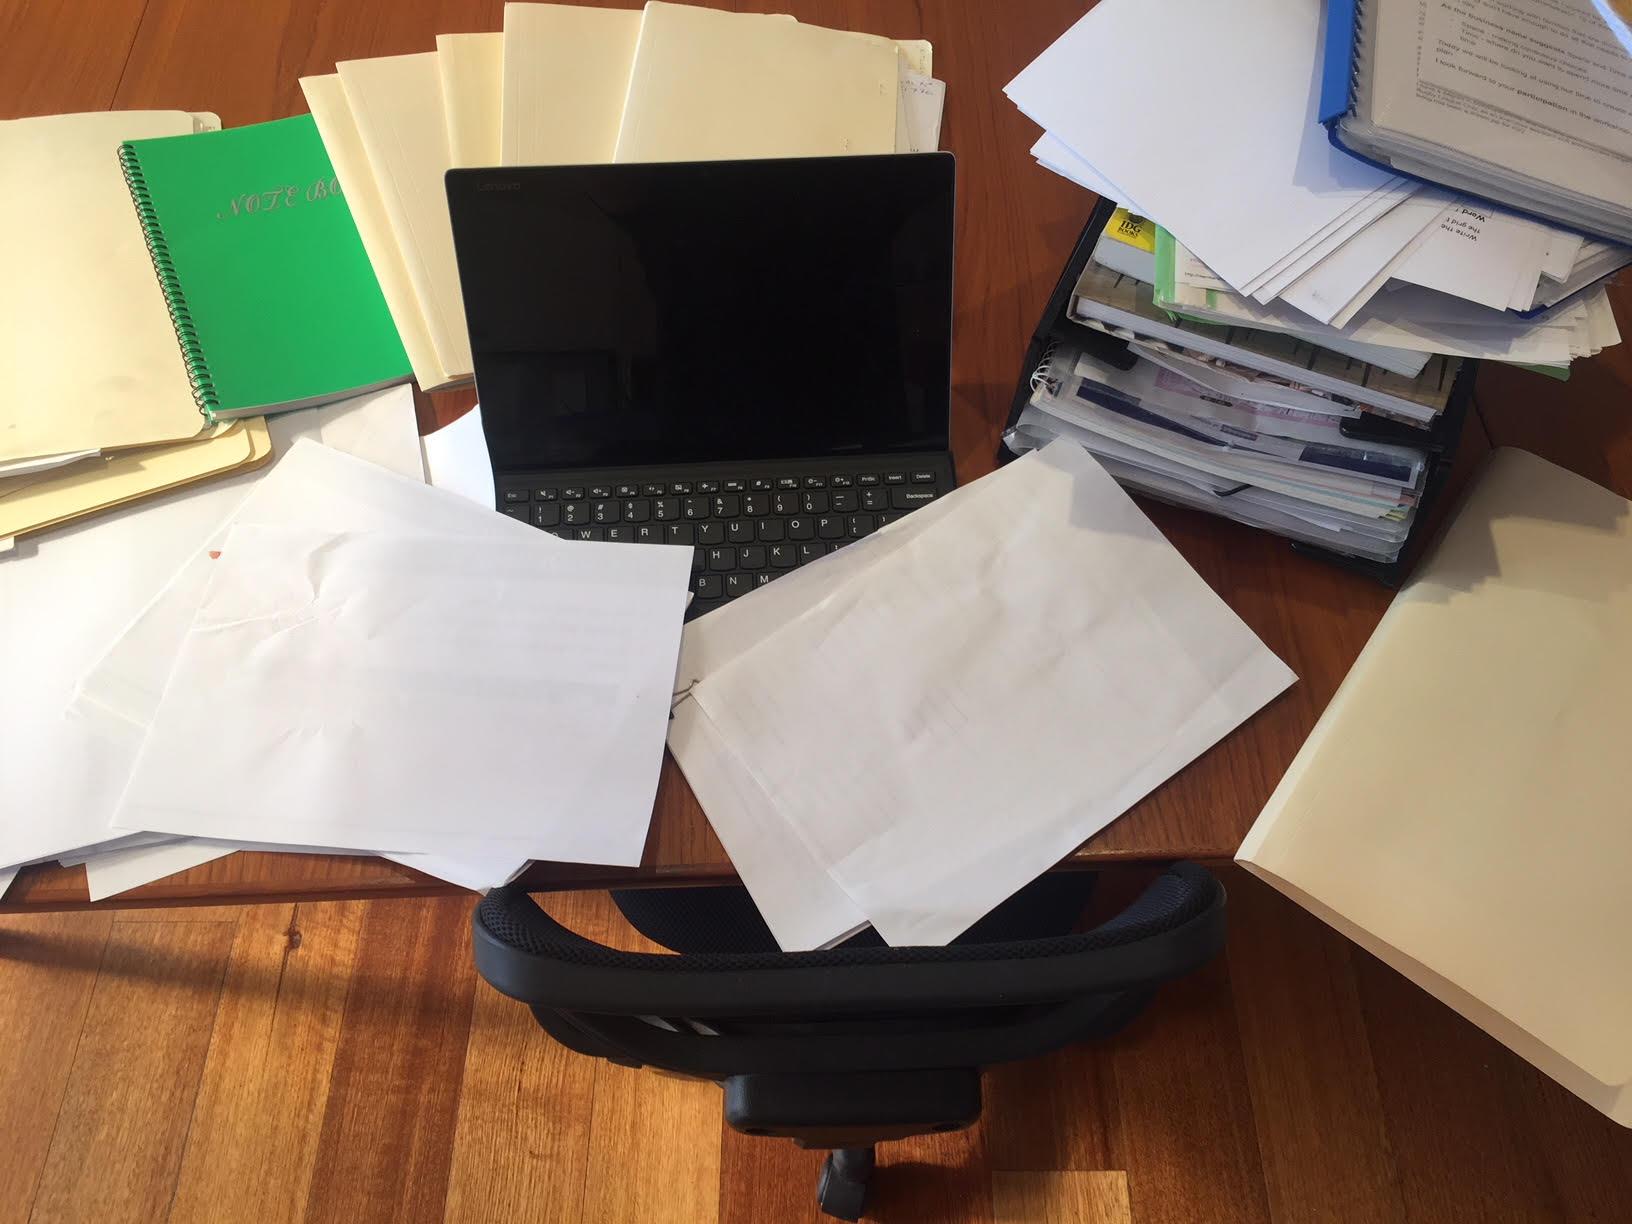 organise paperwork